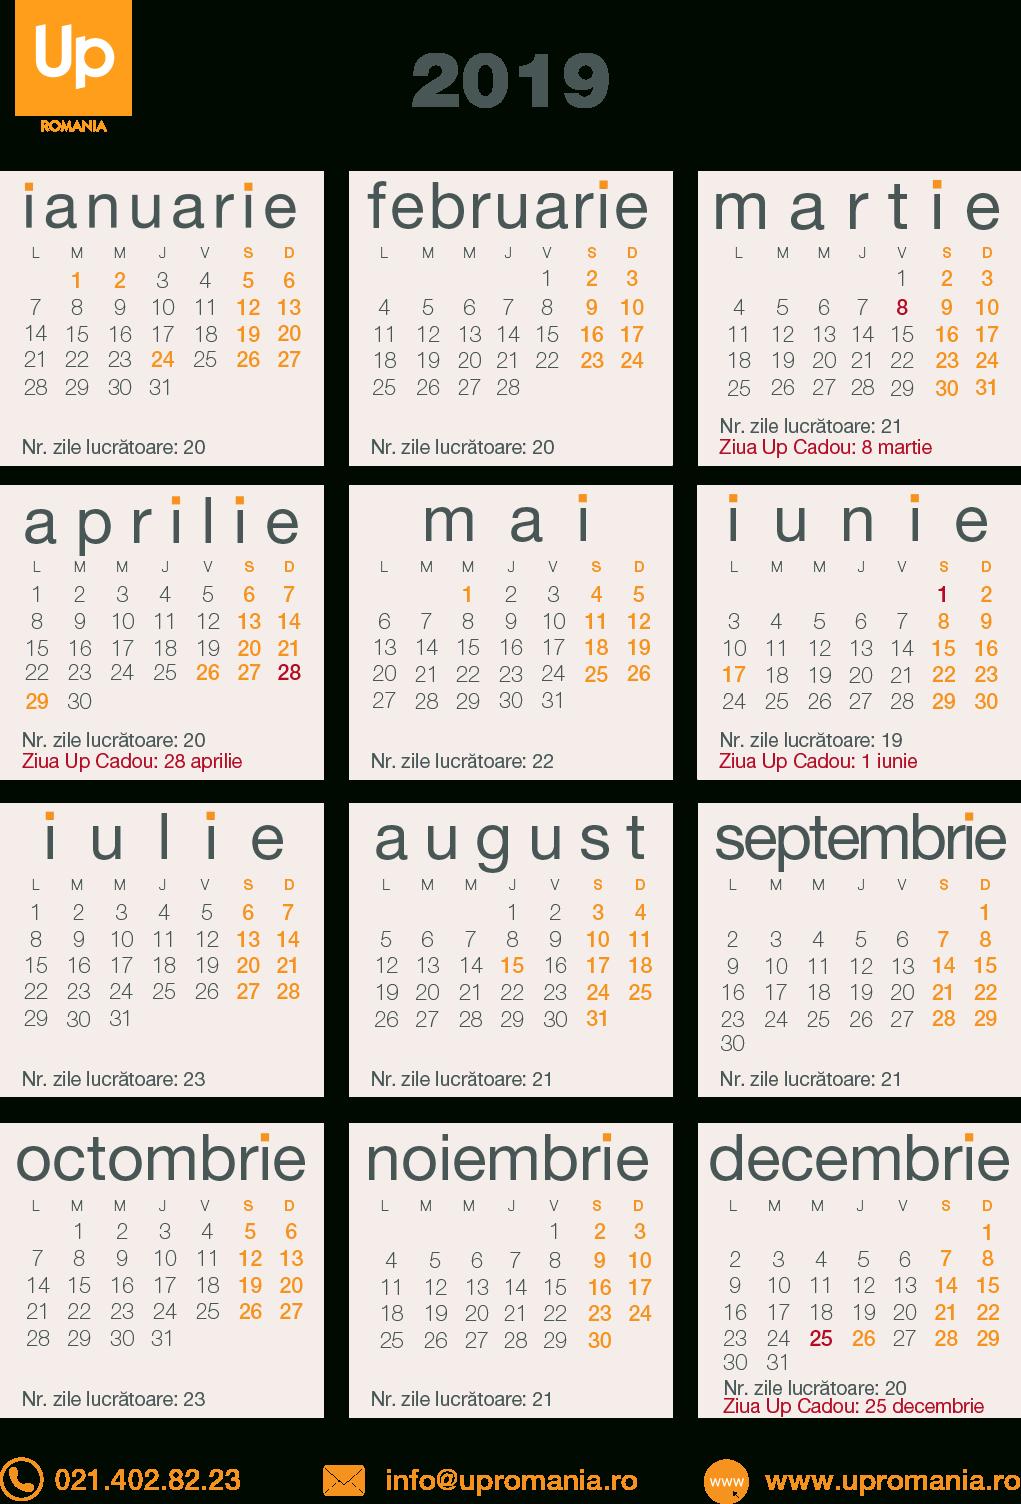 Calendar Zile Lucratoare 2020 | Up Romania intended for Calendar 2020 Cu Zile Lucratoare